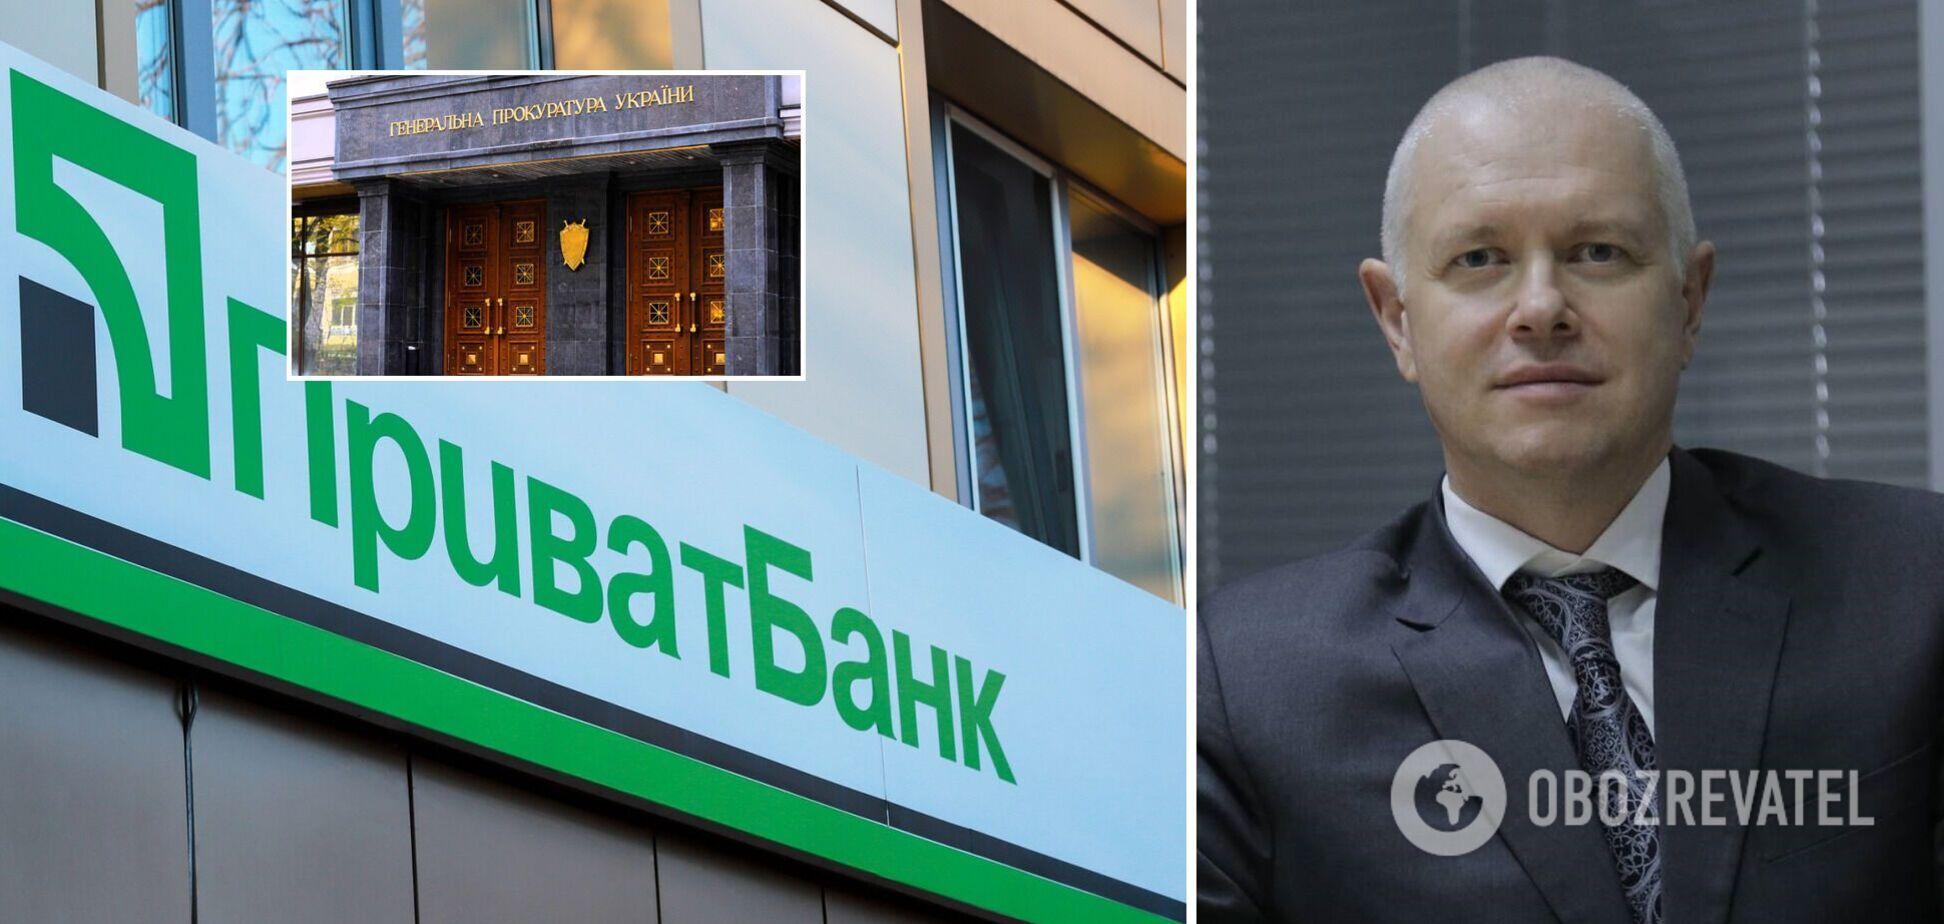 Бывшим топ-менеджерам ПриватБанка объявлено подозрение в растрате 136 млн грн